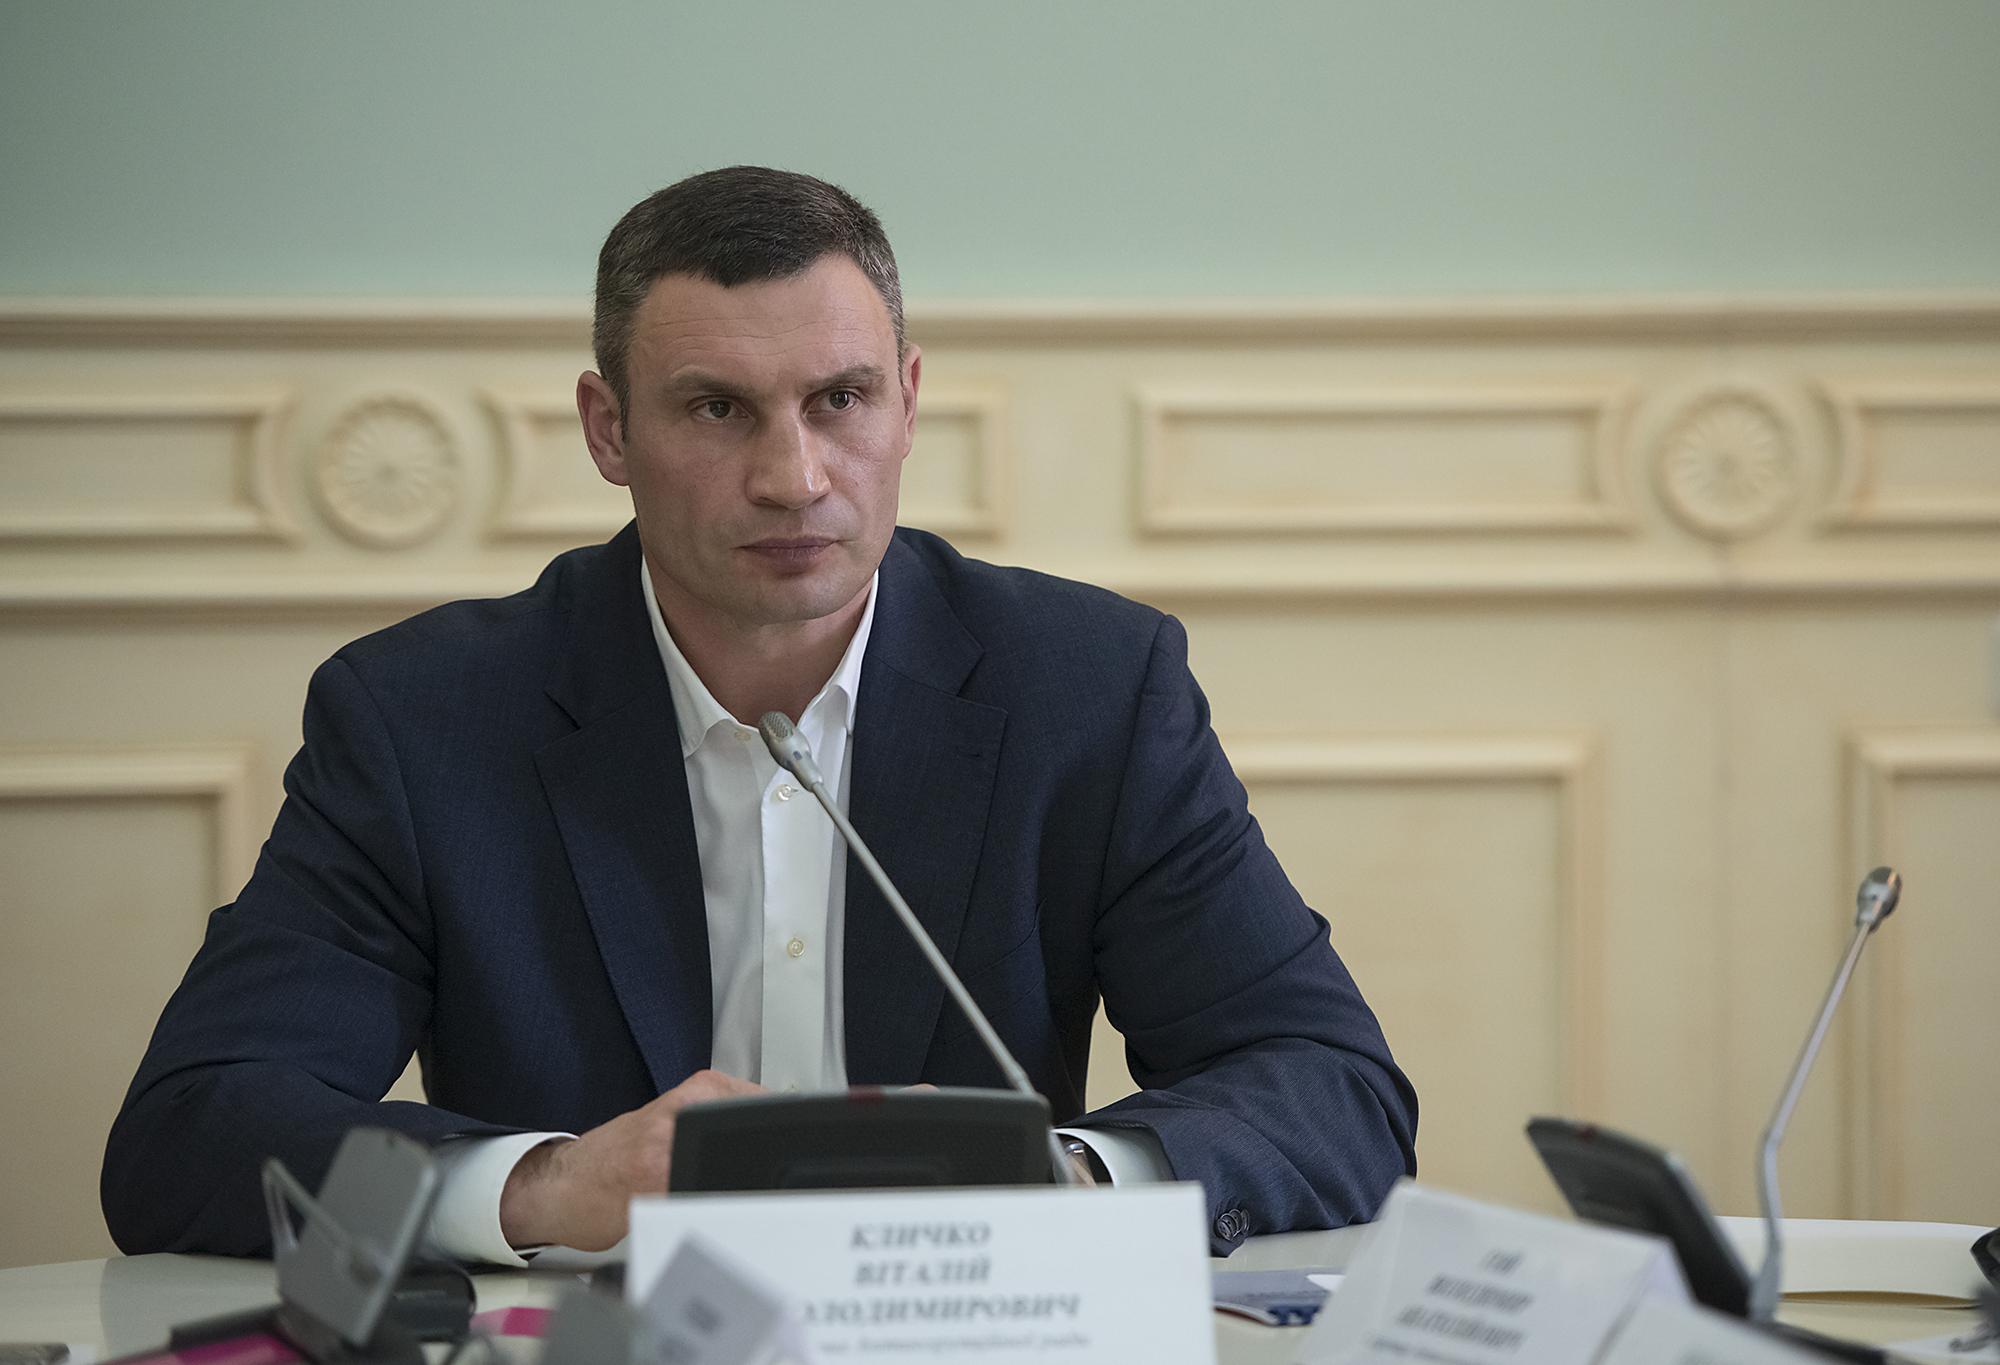 Кличко сократил своего первого заместителя Плиса